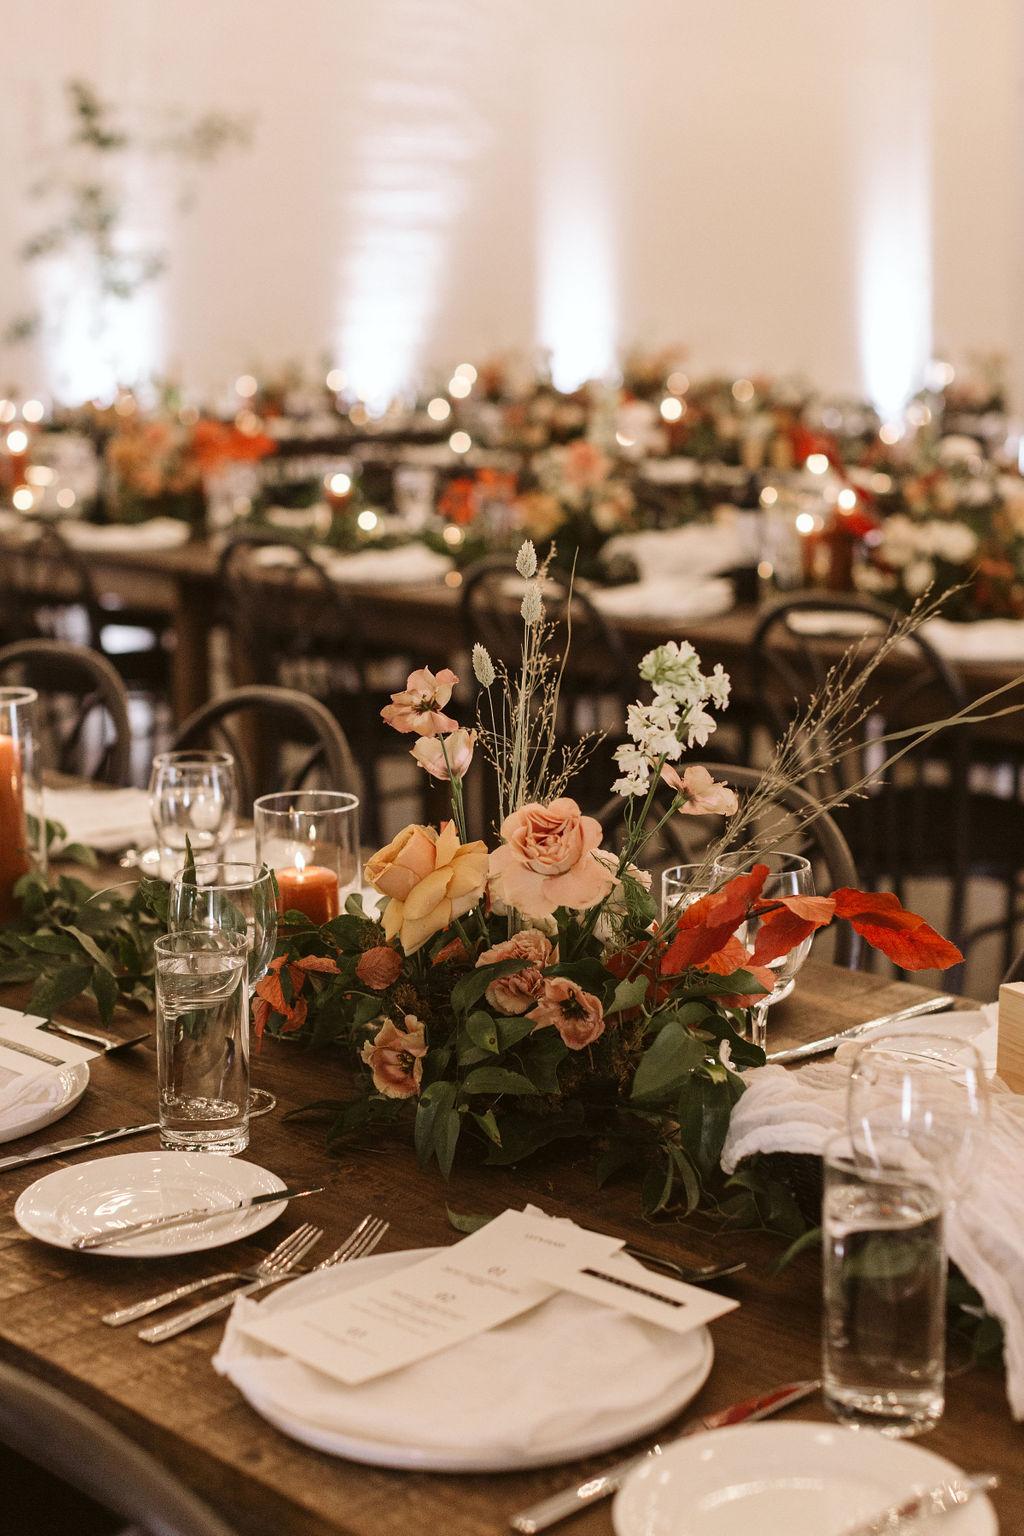 kristina+ryan_toronto+winter+wedding-692.jpg